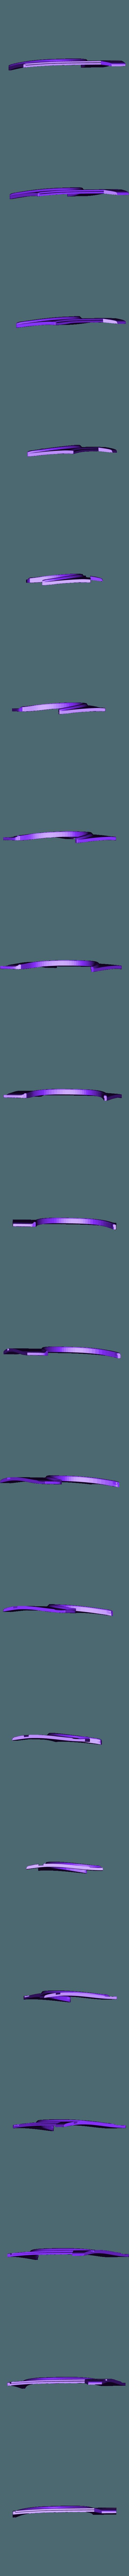 front_wing_R.STL Download STL file Lada Niva  • 3D printing template, serega1337